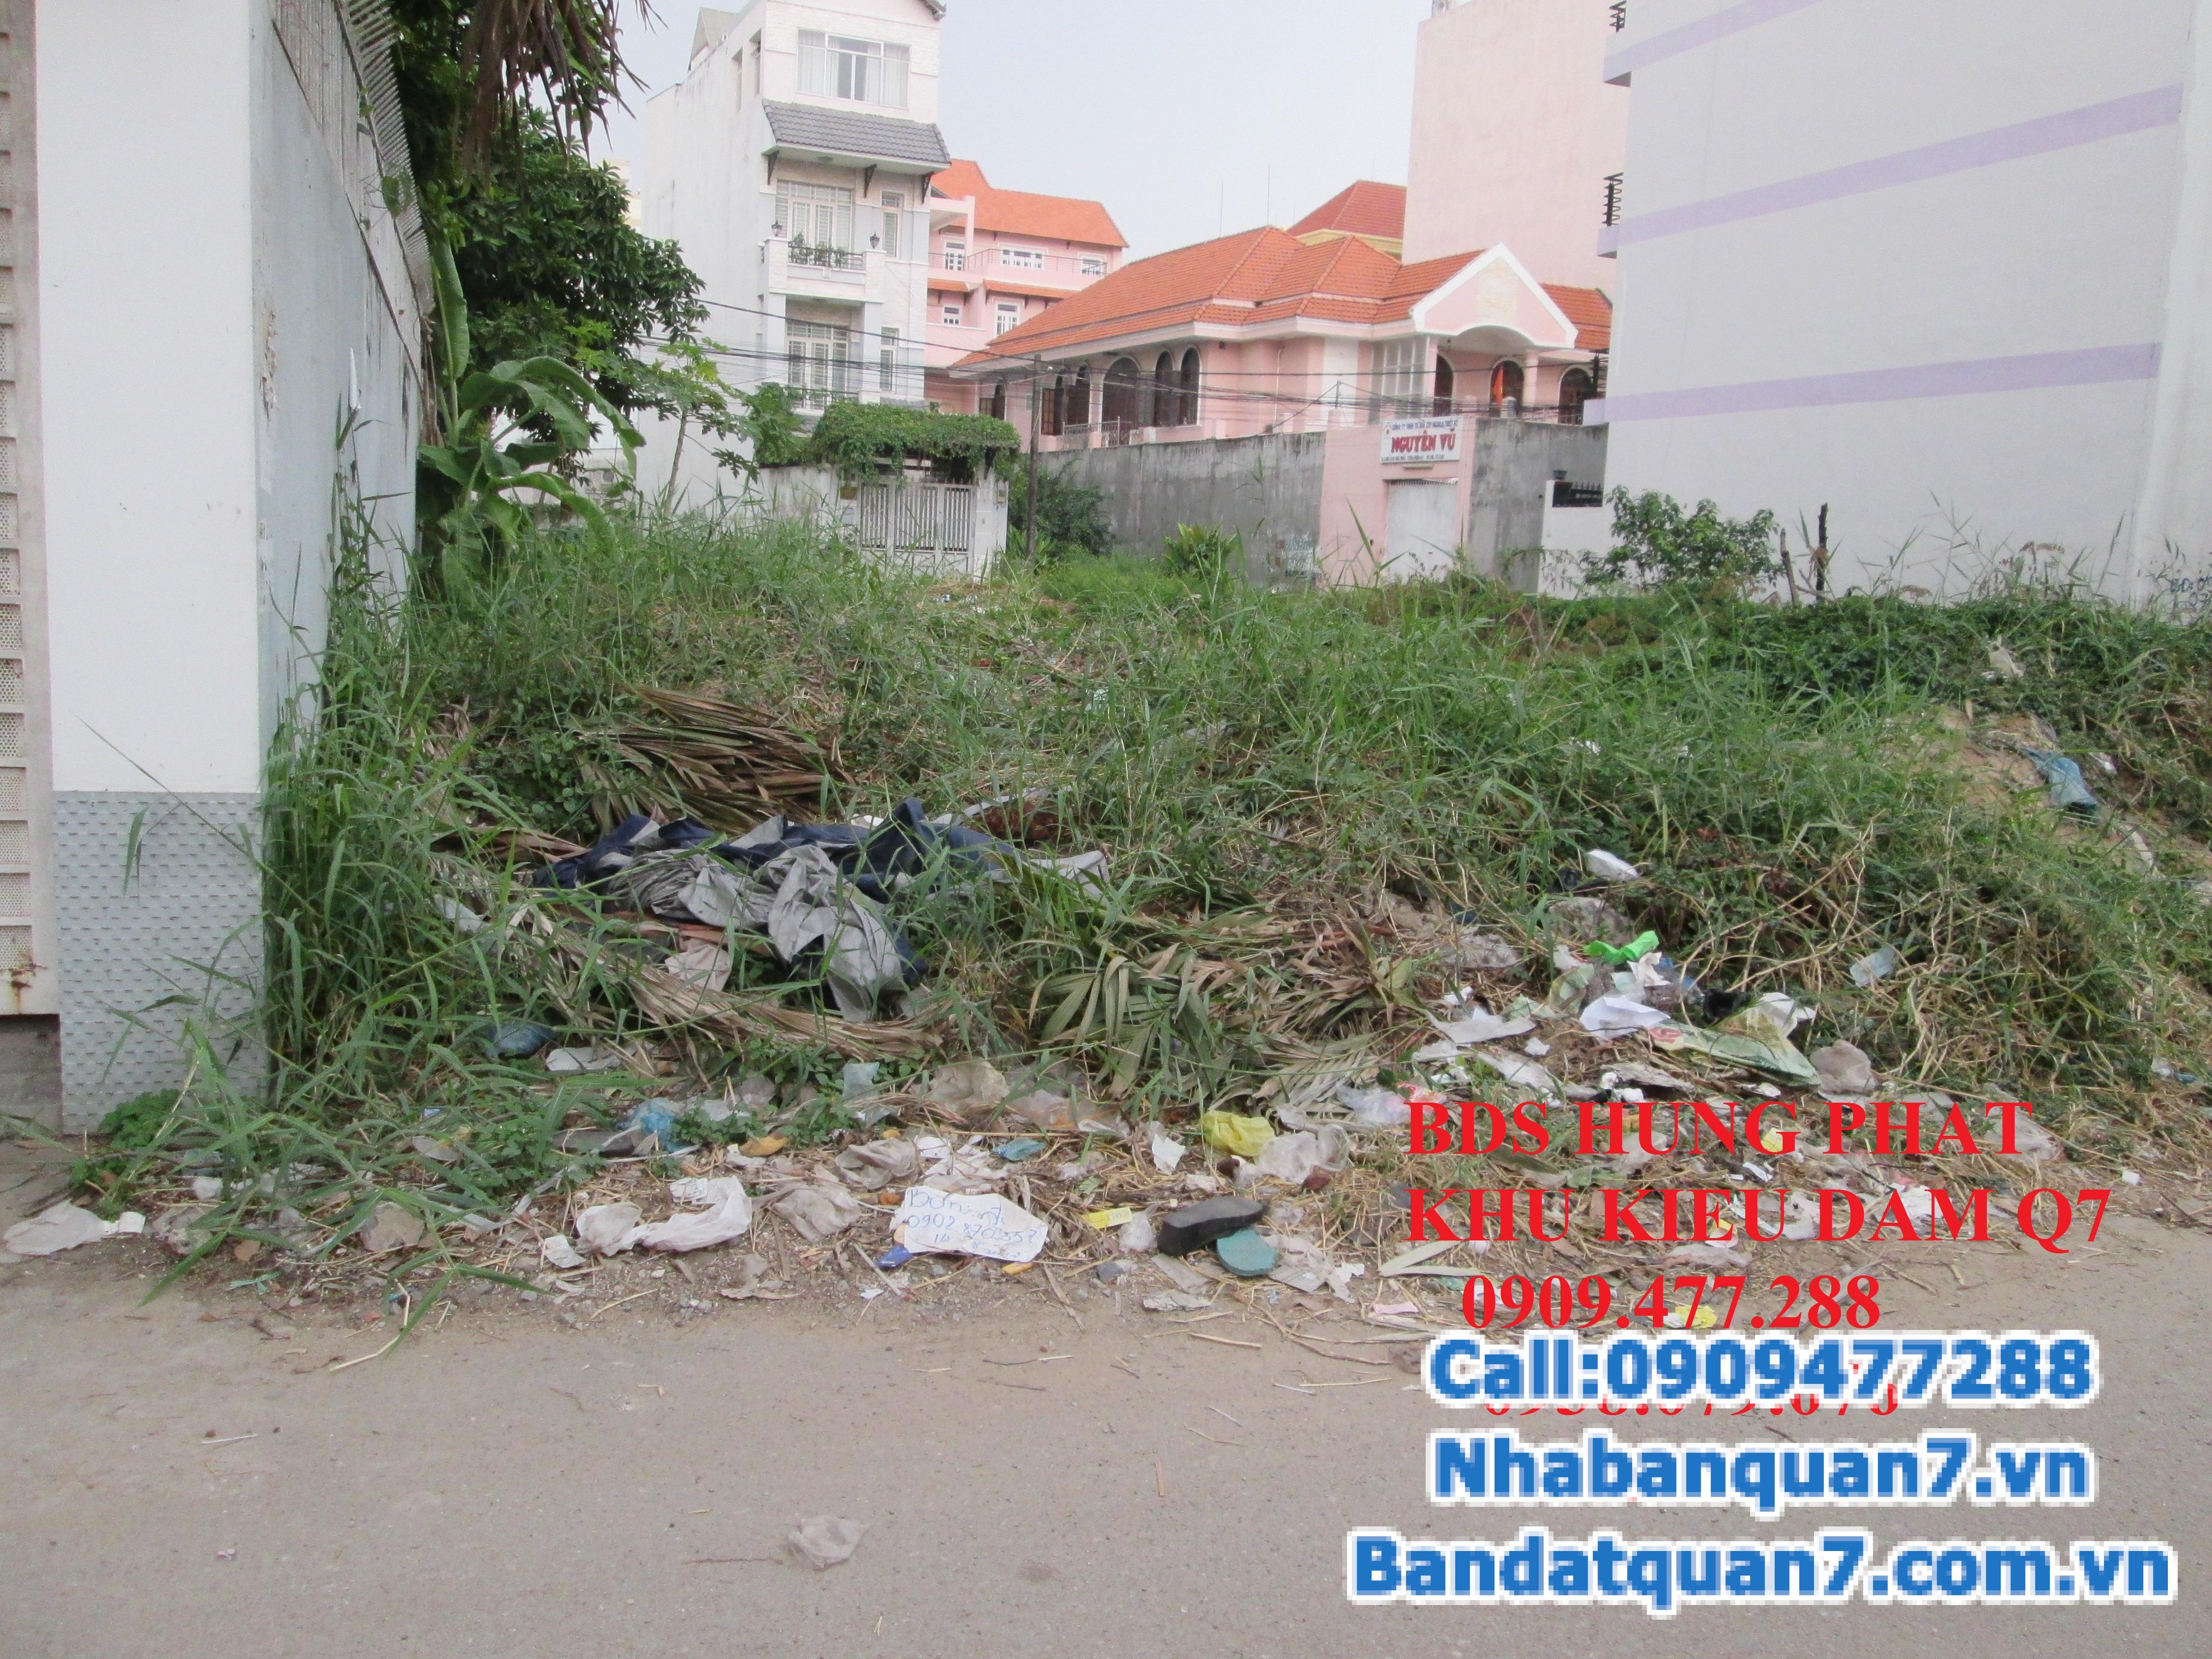 Bán nền đất diện tích 5x15m khu dân cư Kiều Đàm